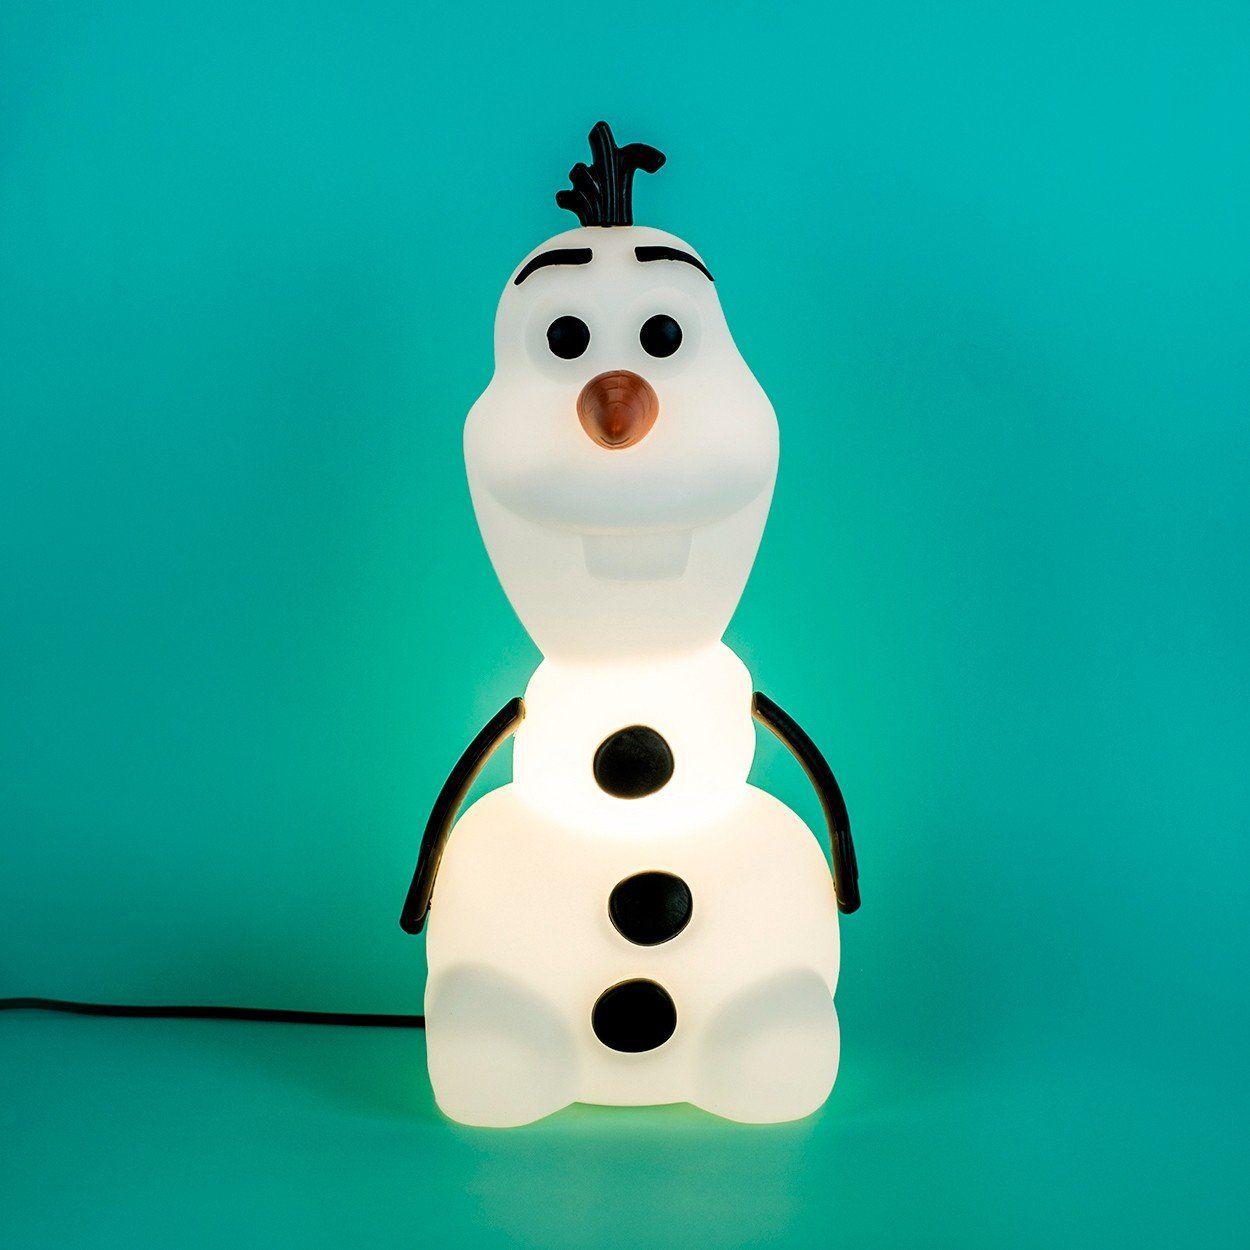 Luminária Olaf: Frozen (Disney)